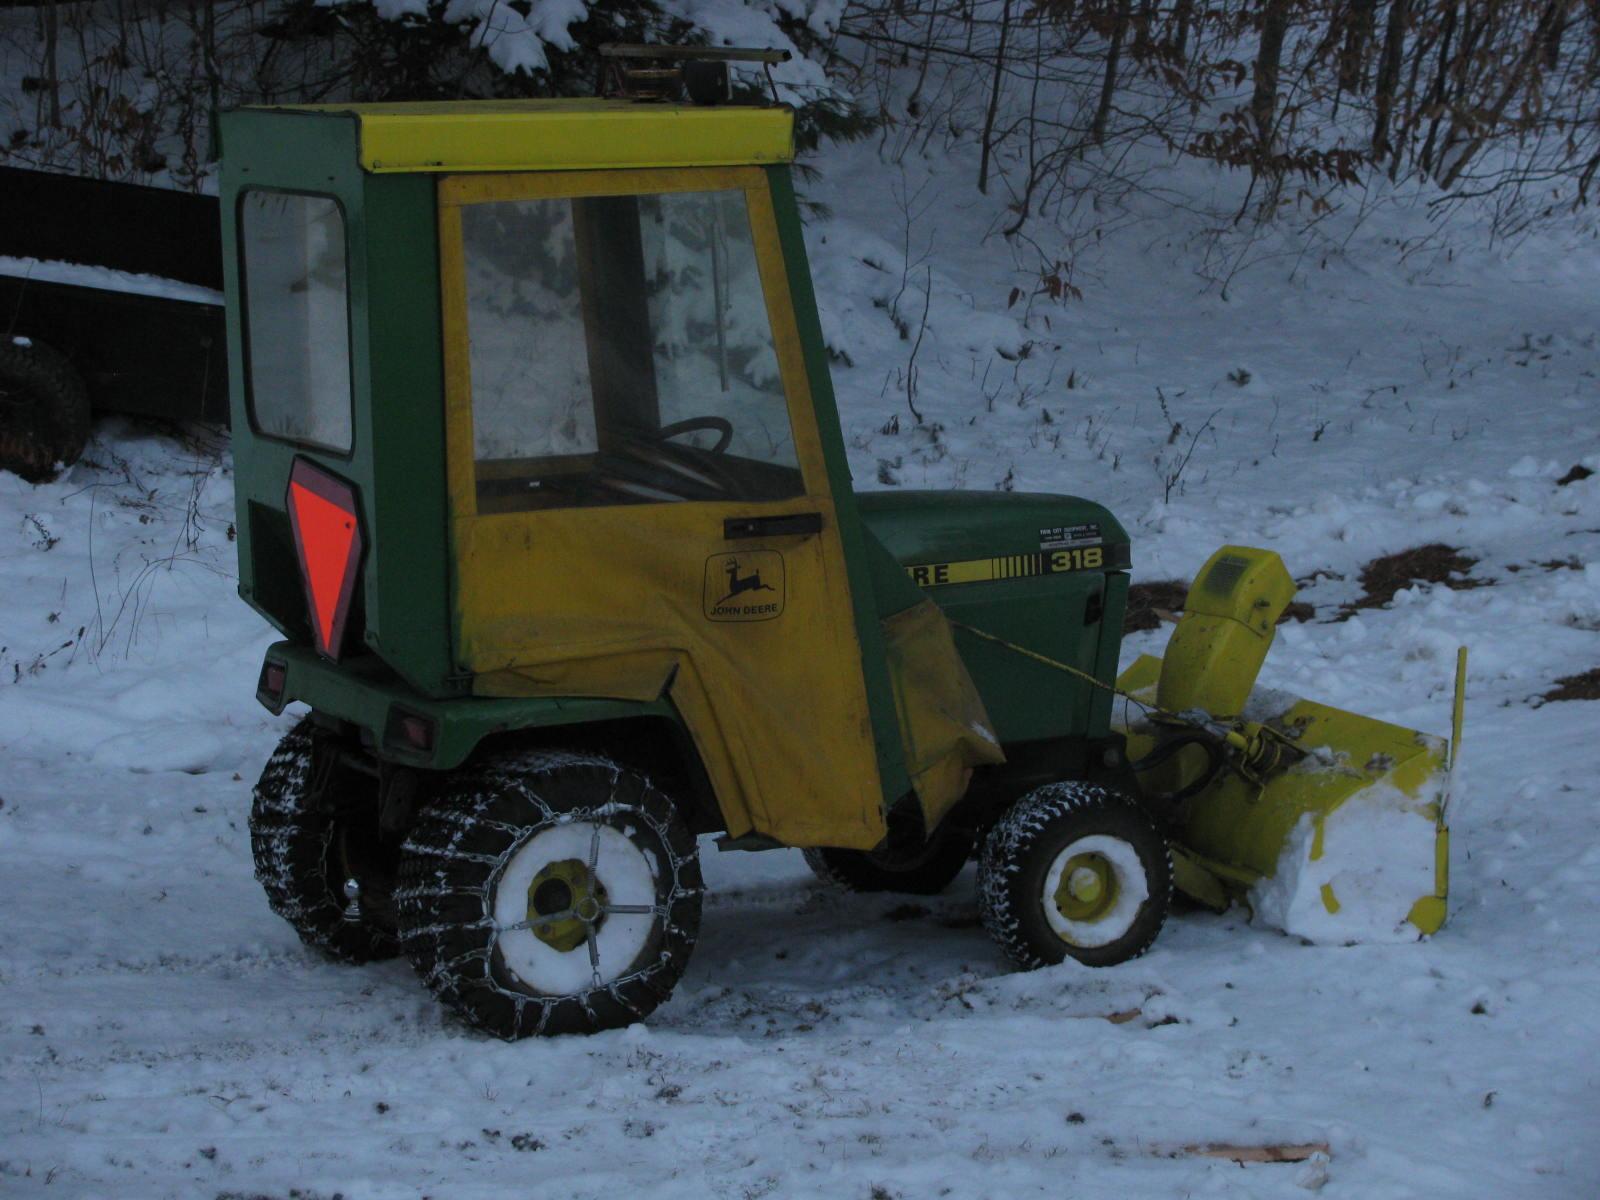 John Deere 316 Lawn Tractor Parts Carburetor adjustment tool